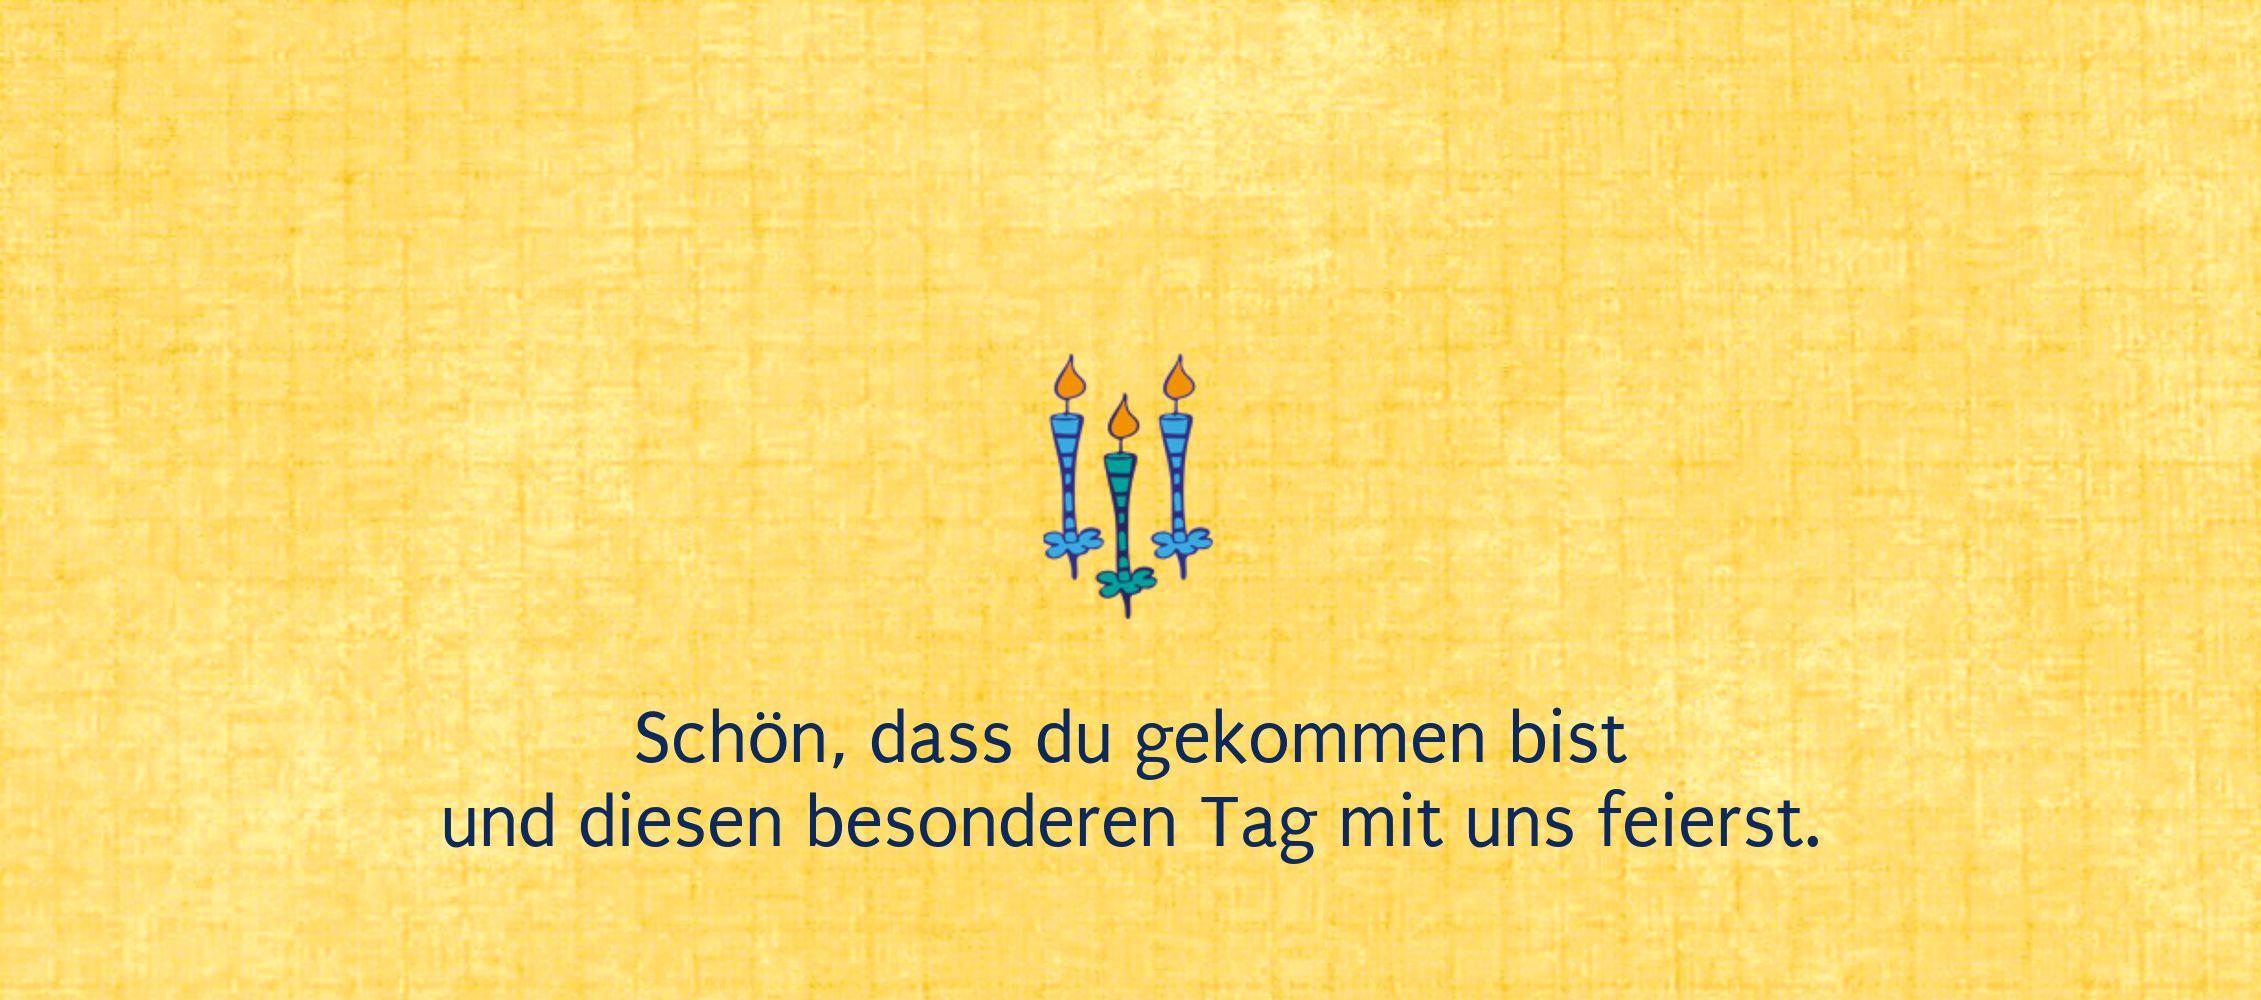 Ansicht 2 - Taufe Tischkarte Kerzen